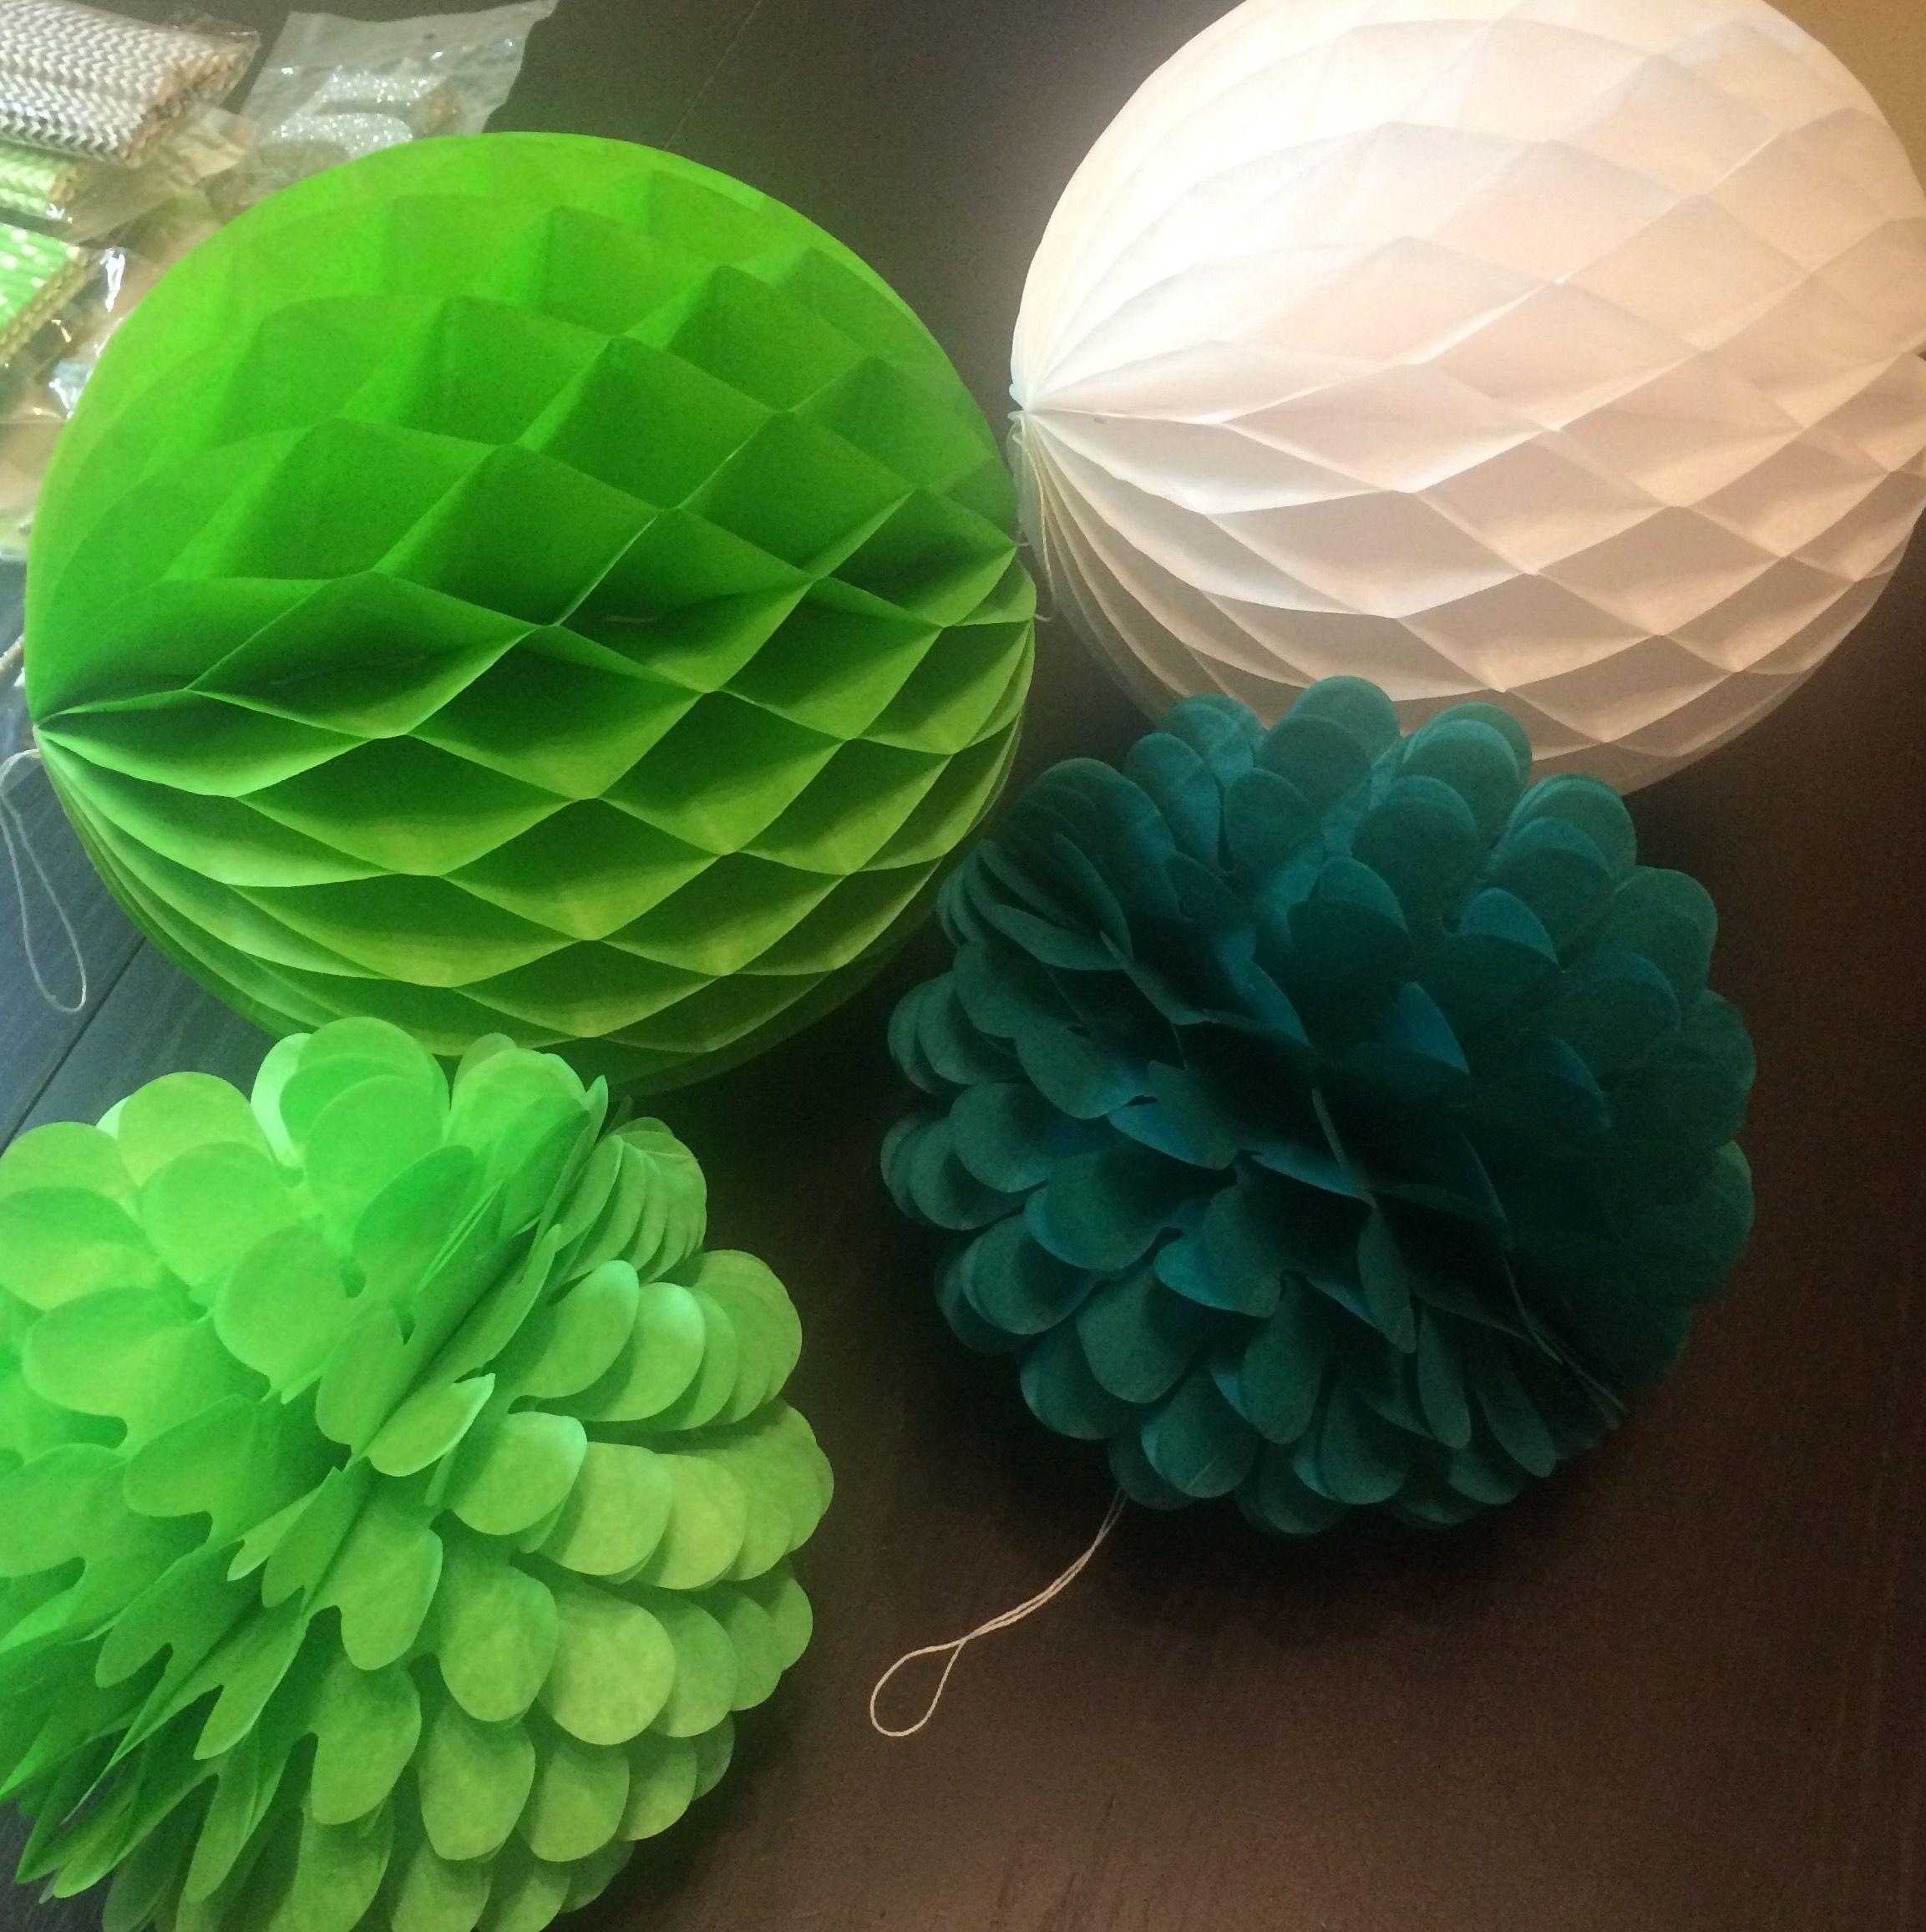 Красивые шары из бумаги. бумажные шары своими руками: пошаговые инструкции по изготовлению новогоднего шара, простой китайской кусудамы и объемной сферы из гофрированной бумаги